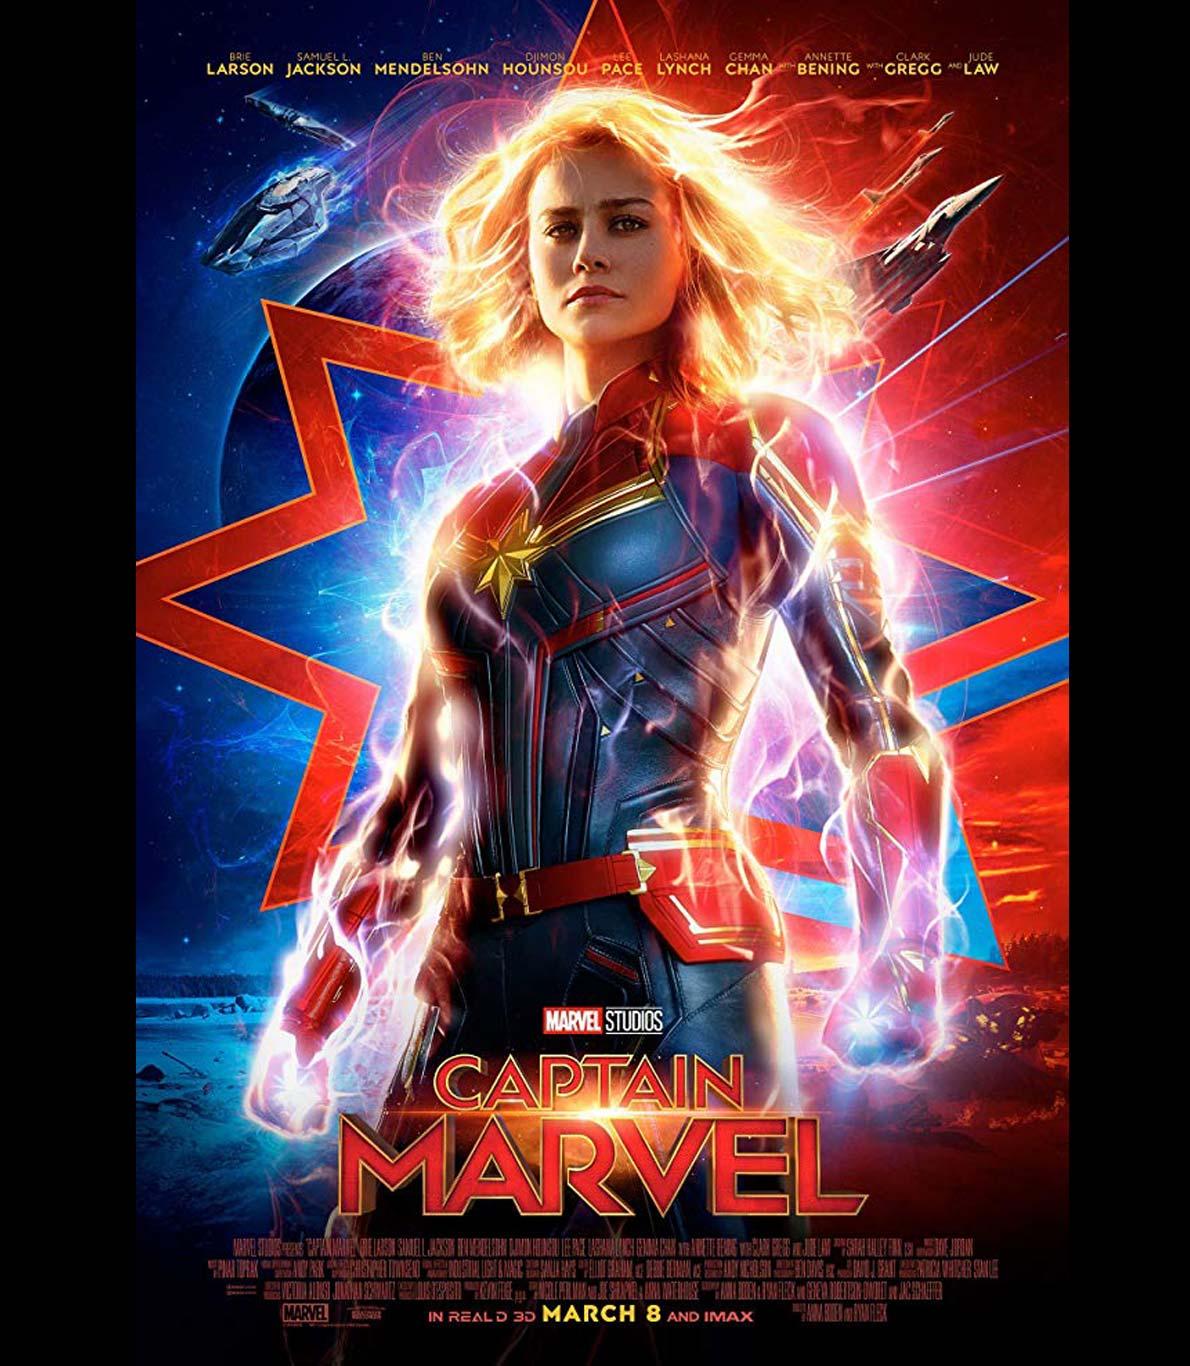 """Poster oficial do filmes """"Capitã Marvel"""", onde a atriz que dá cara à personagem se encontra ao centro da fotografia, rodeada da energia que carateriza a sua personagem."""